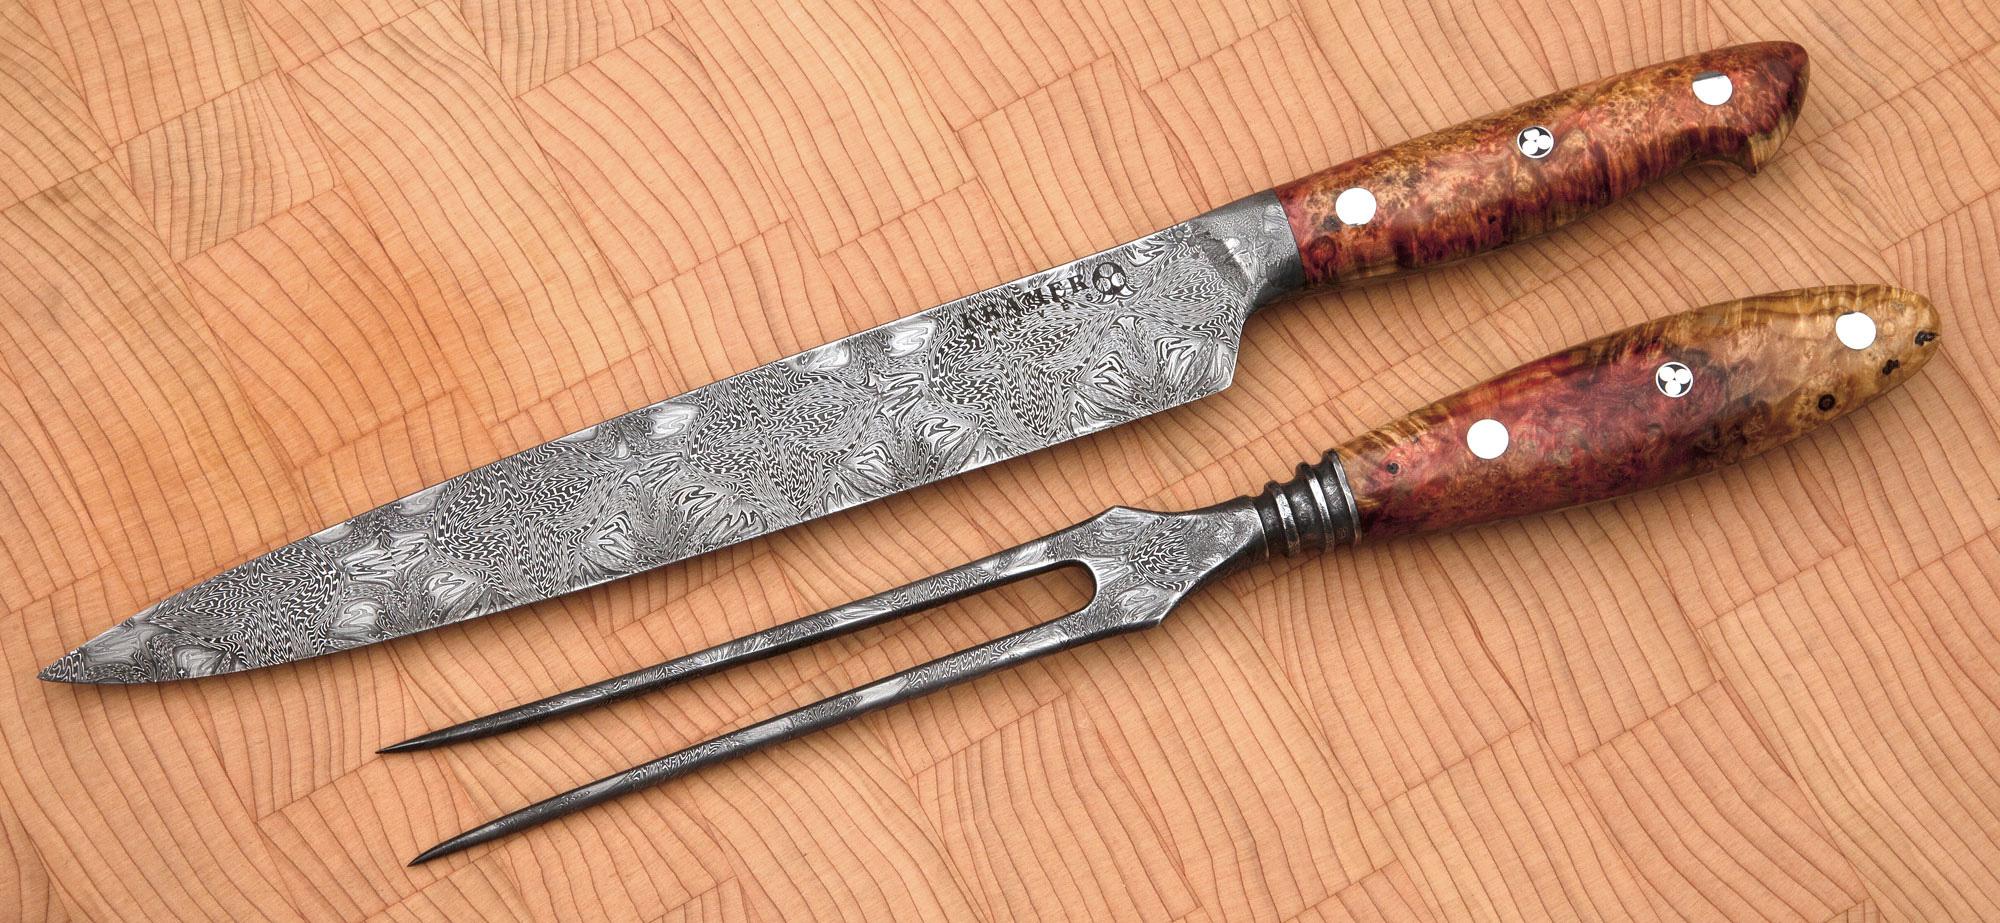 Gallery - Kramer Knives